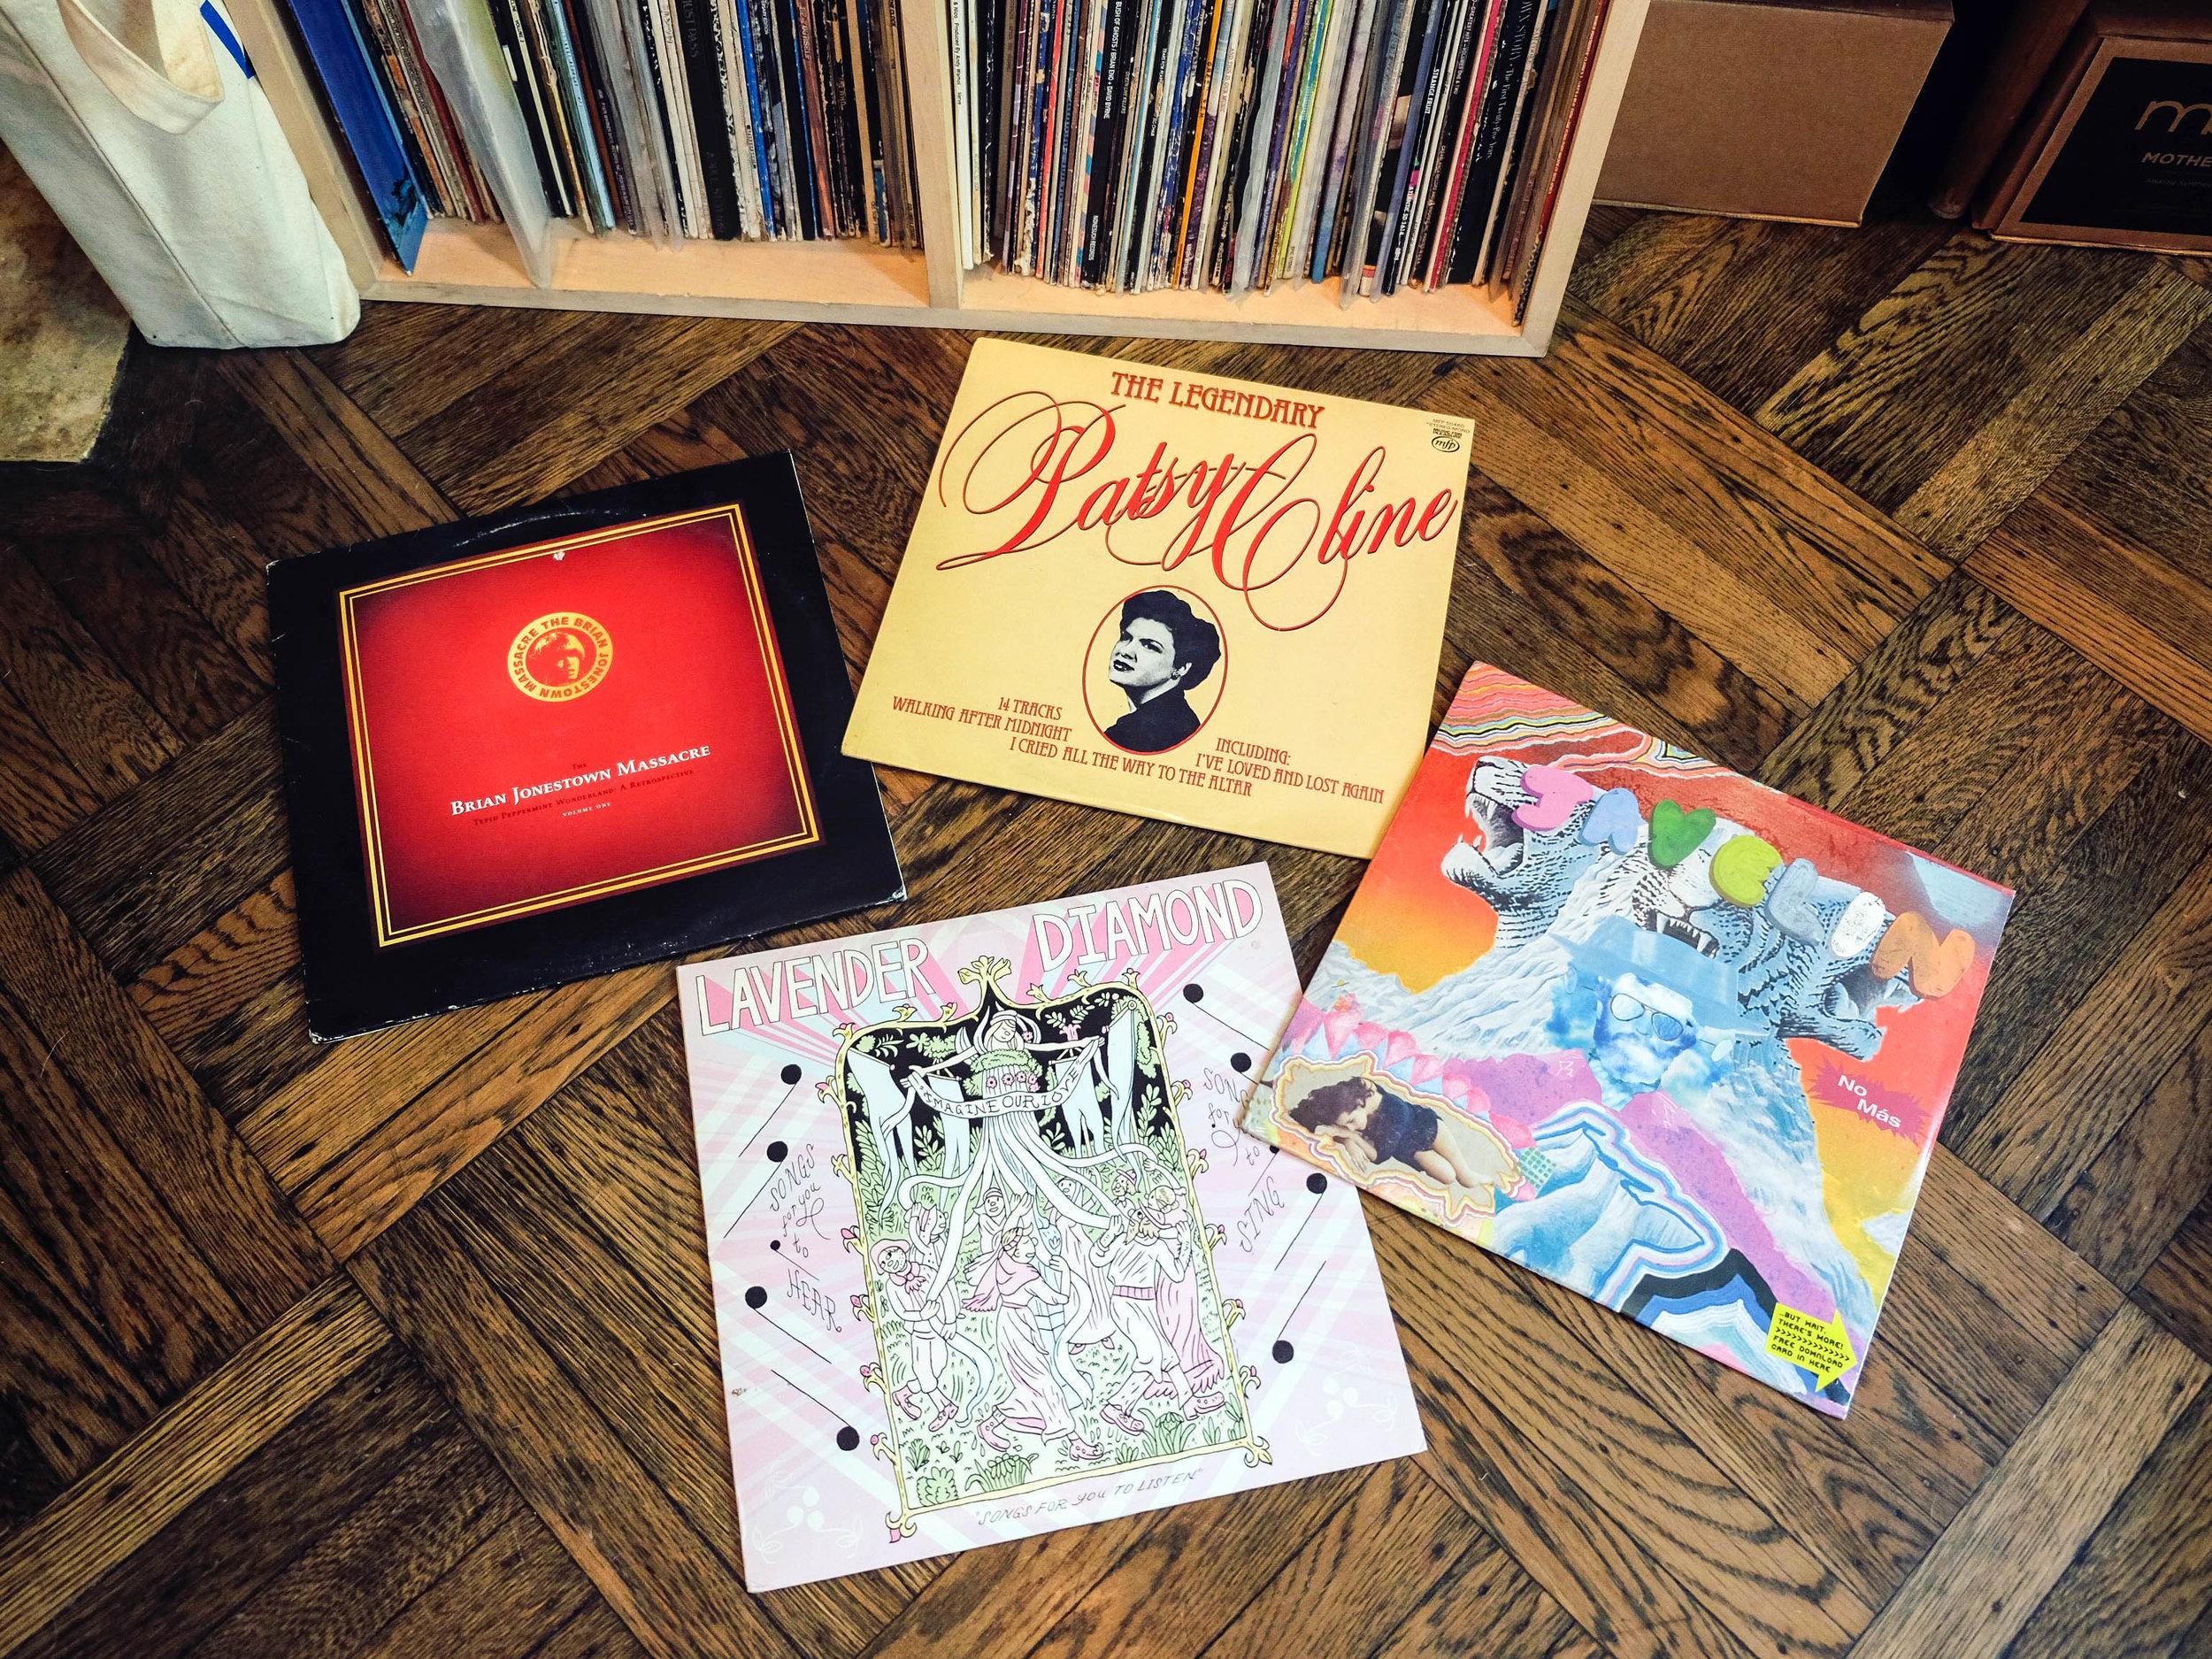 Julia's favorite records